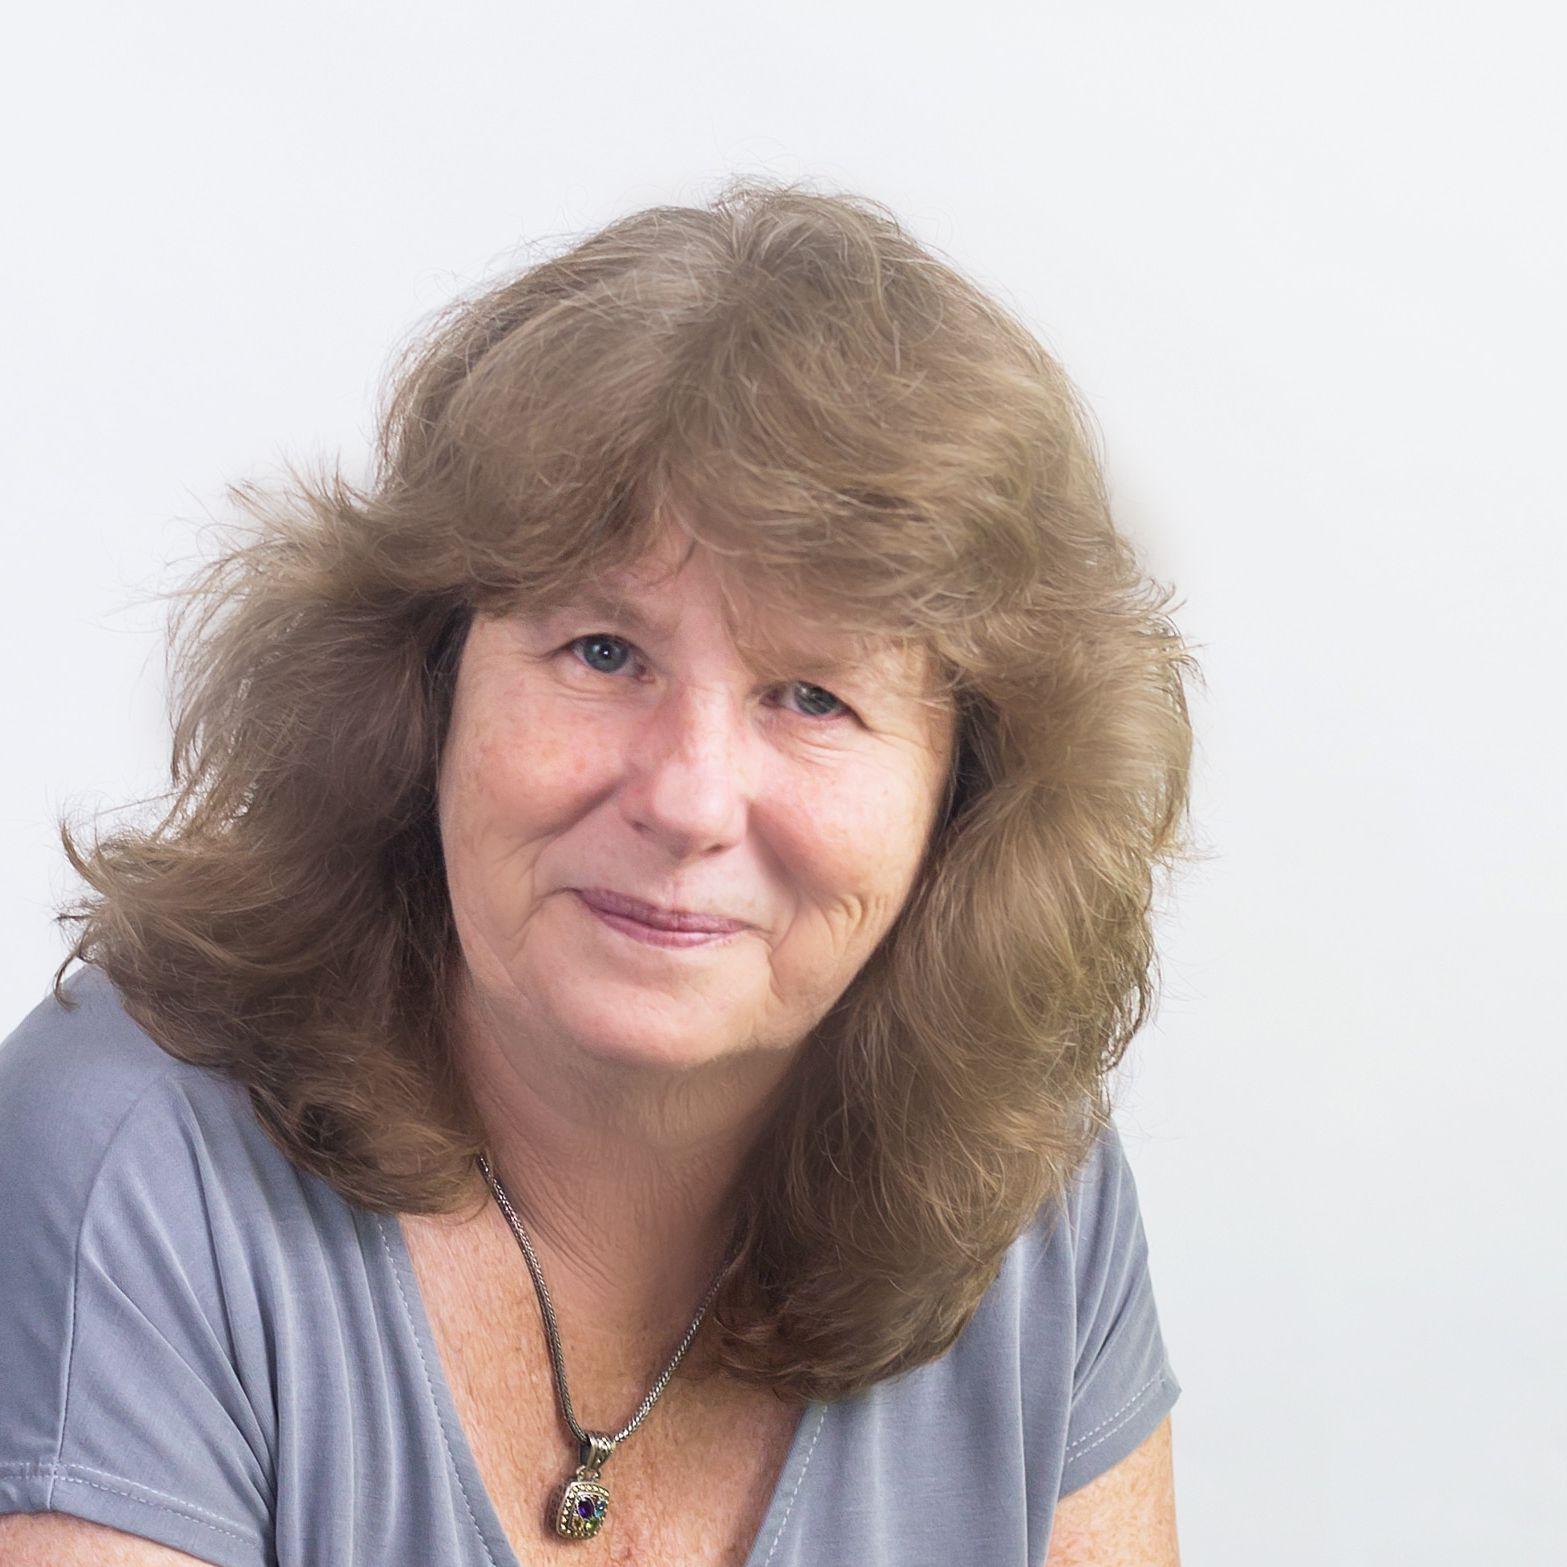 Marcia Larkin